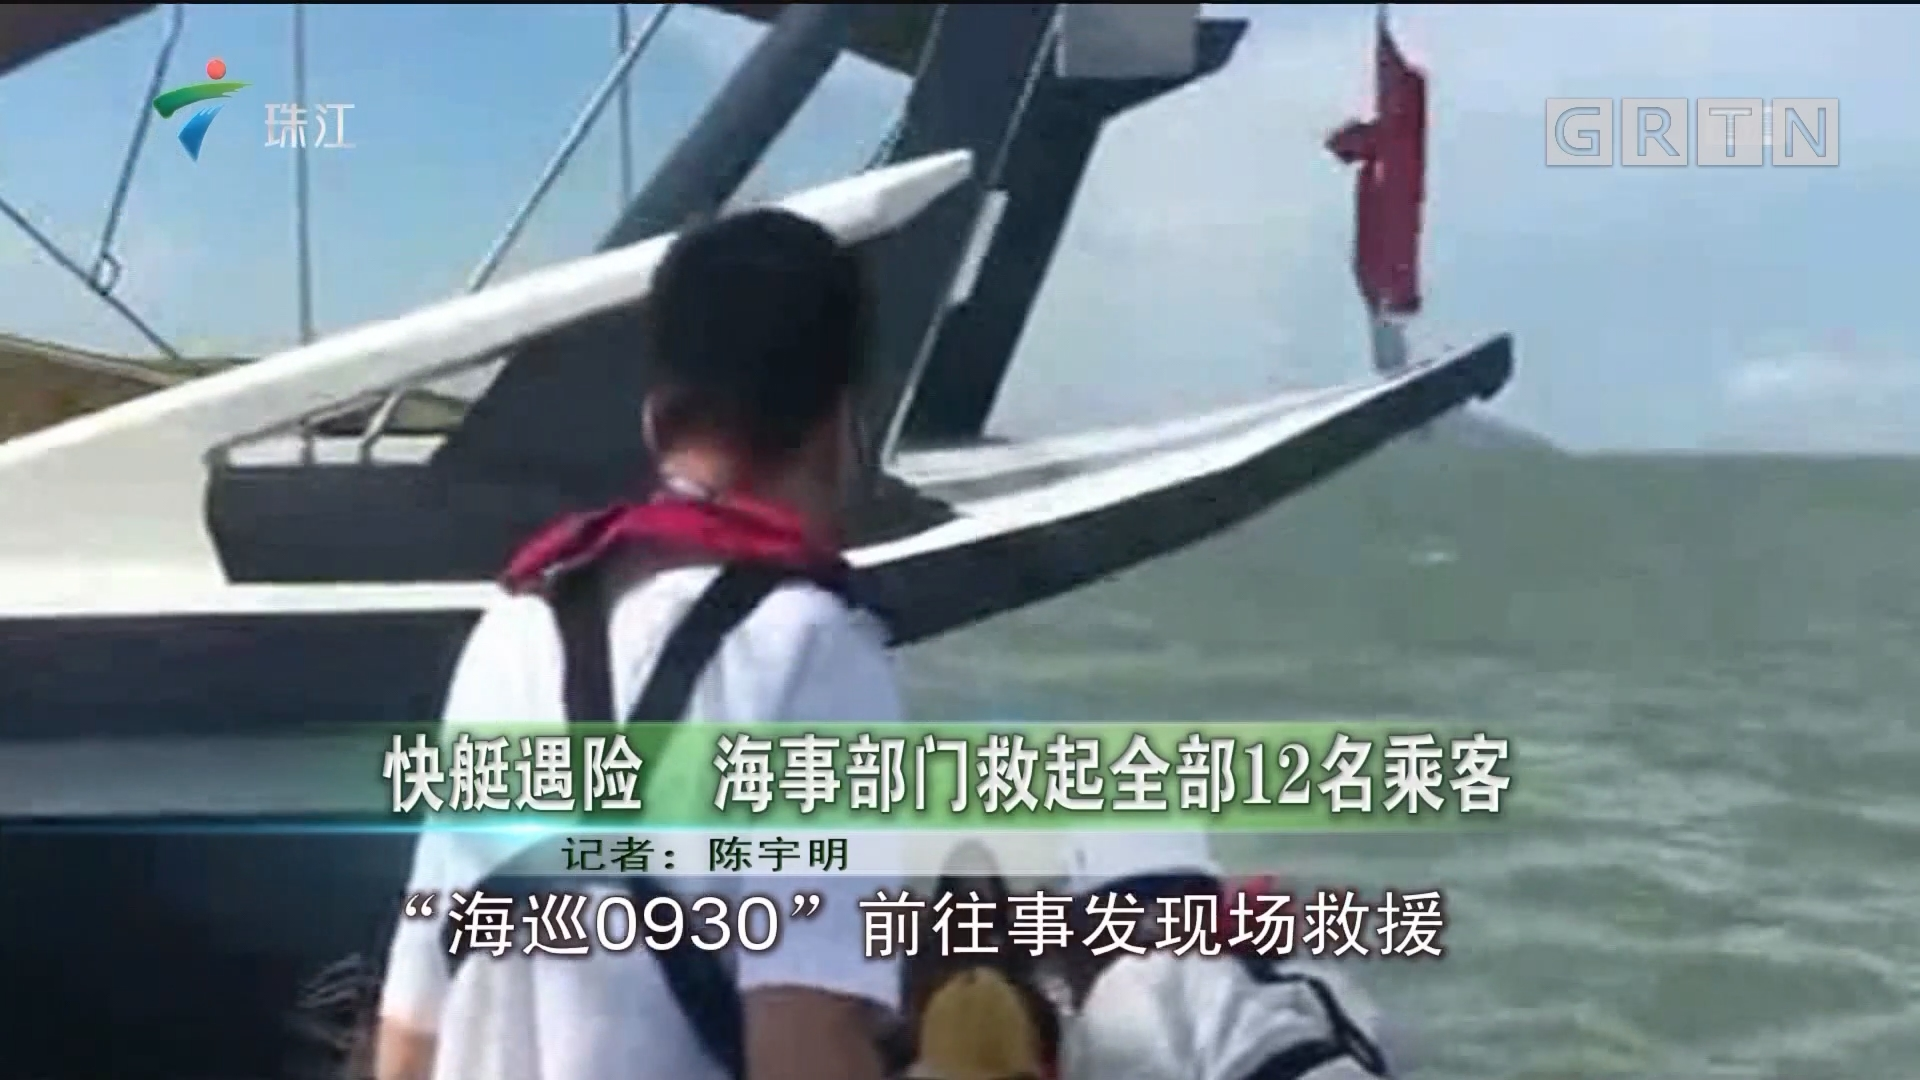 快艇遇险 海事部门救起全部12名乘客